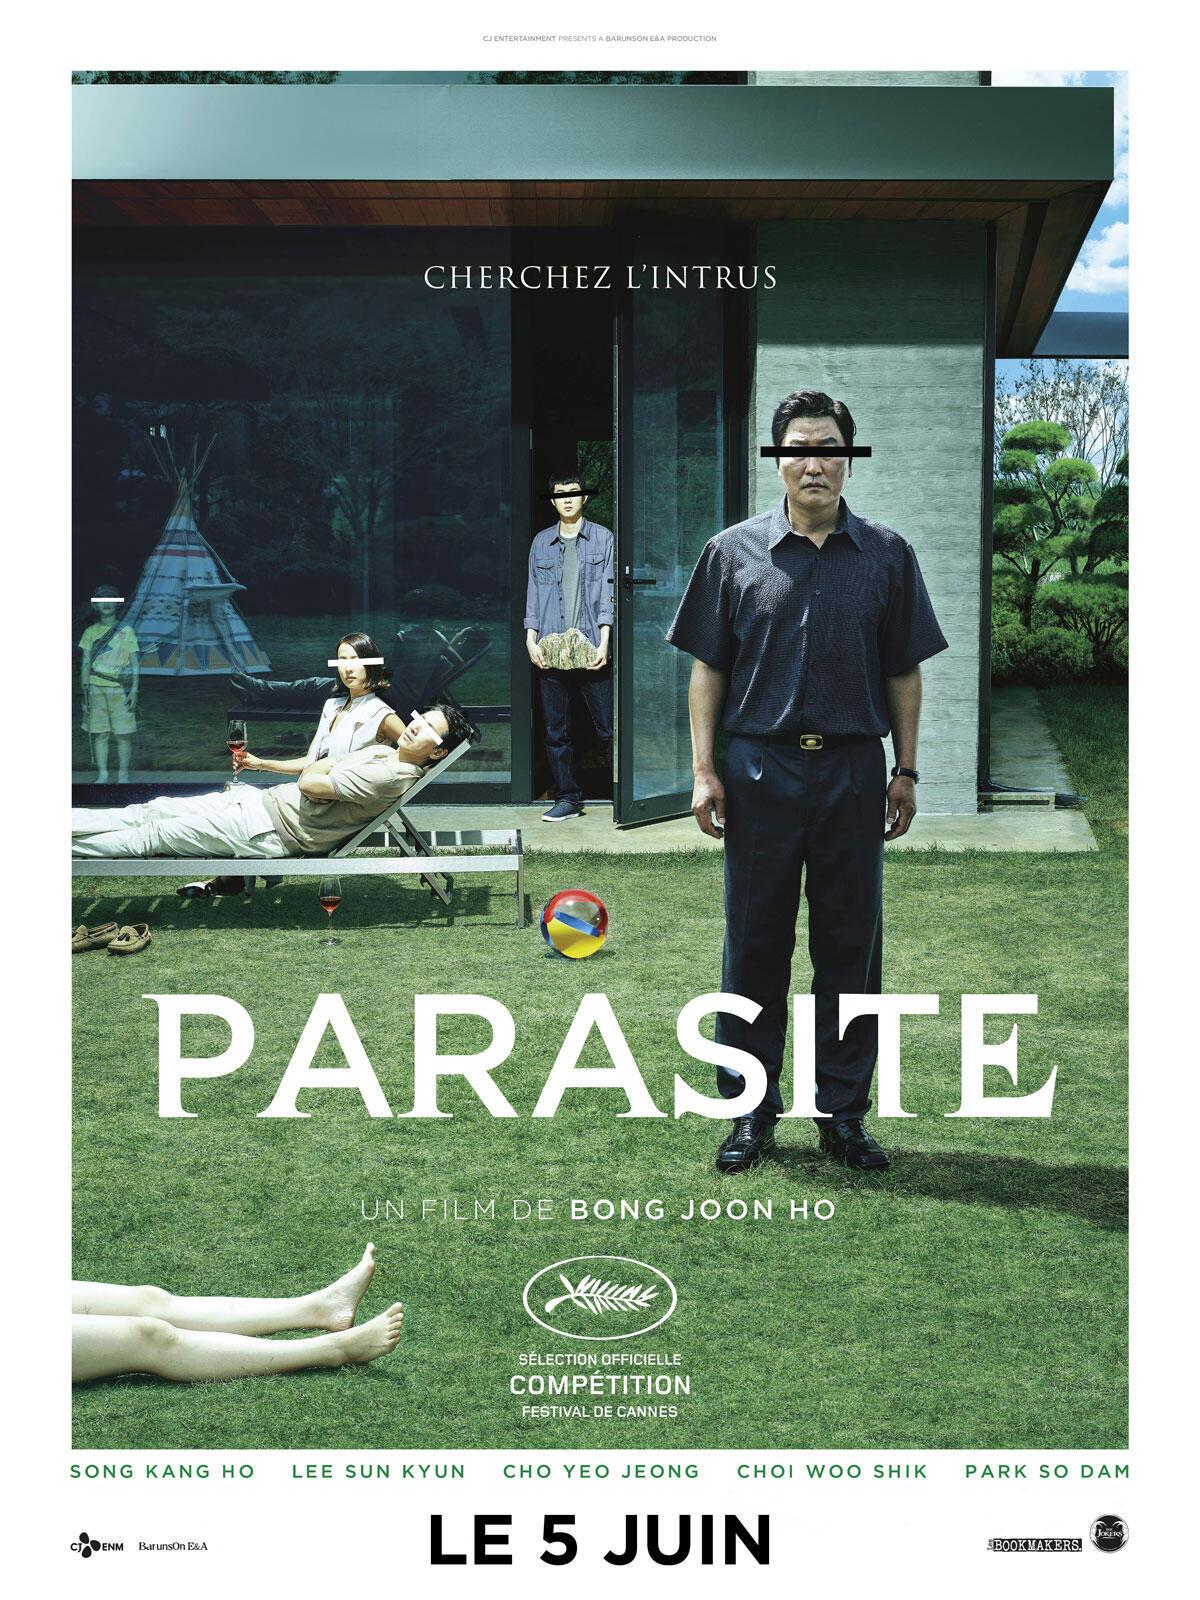 L'affiche de «Parasite» du réalisateur sud coréen Bong Joon-ho.